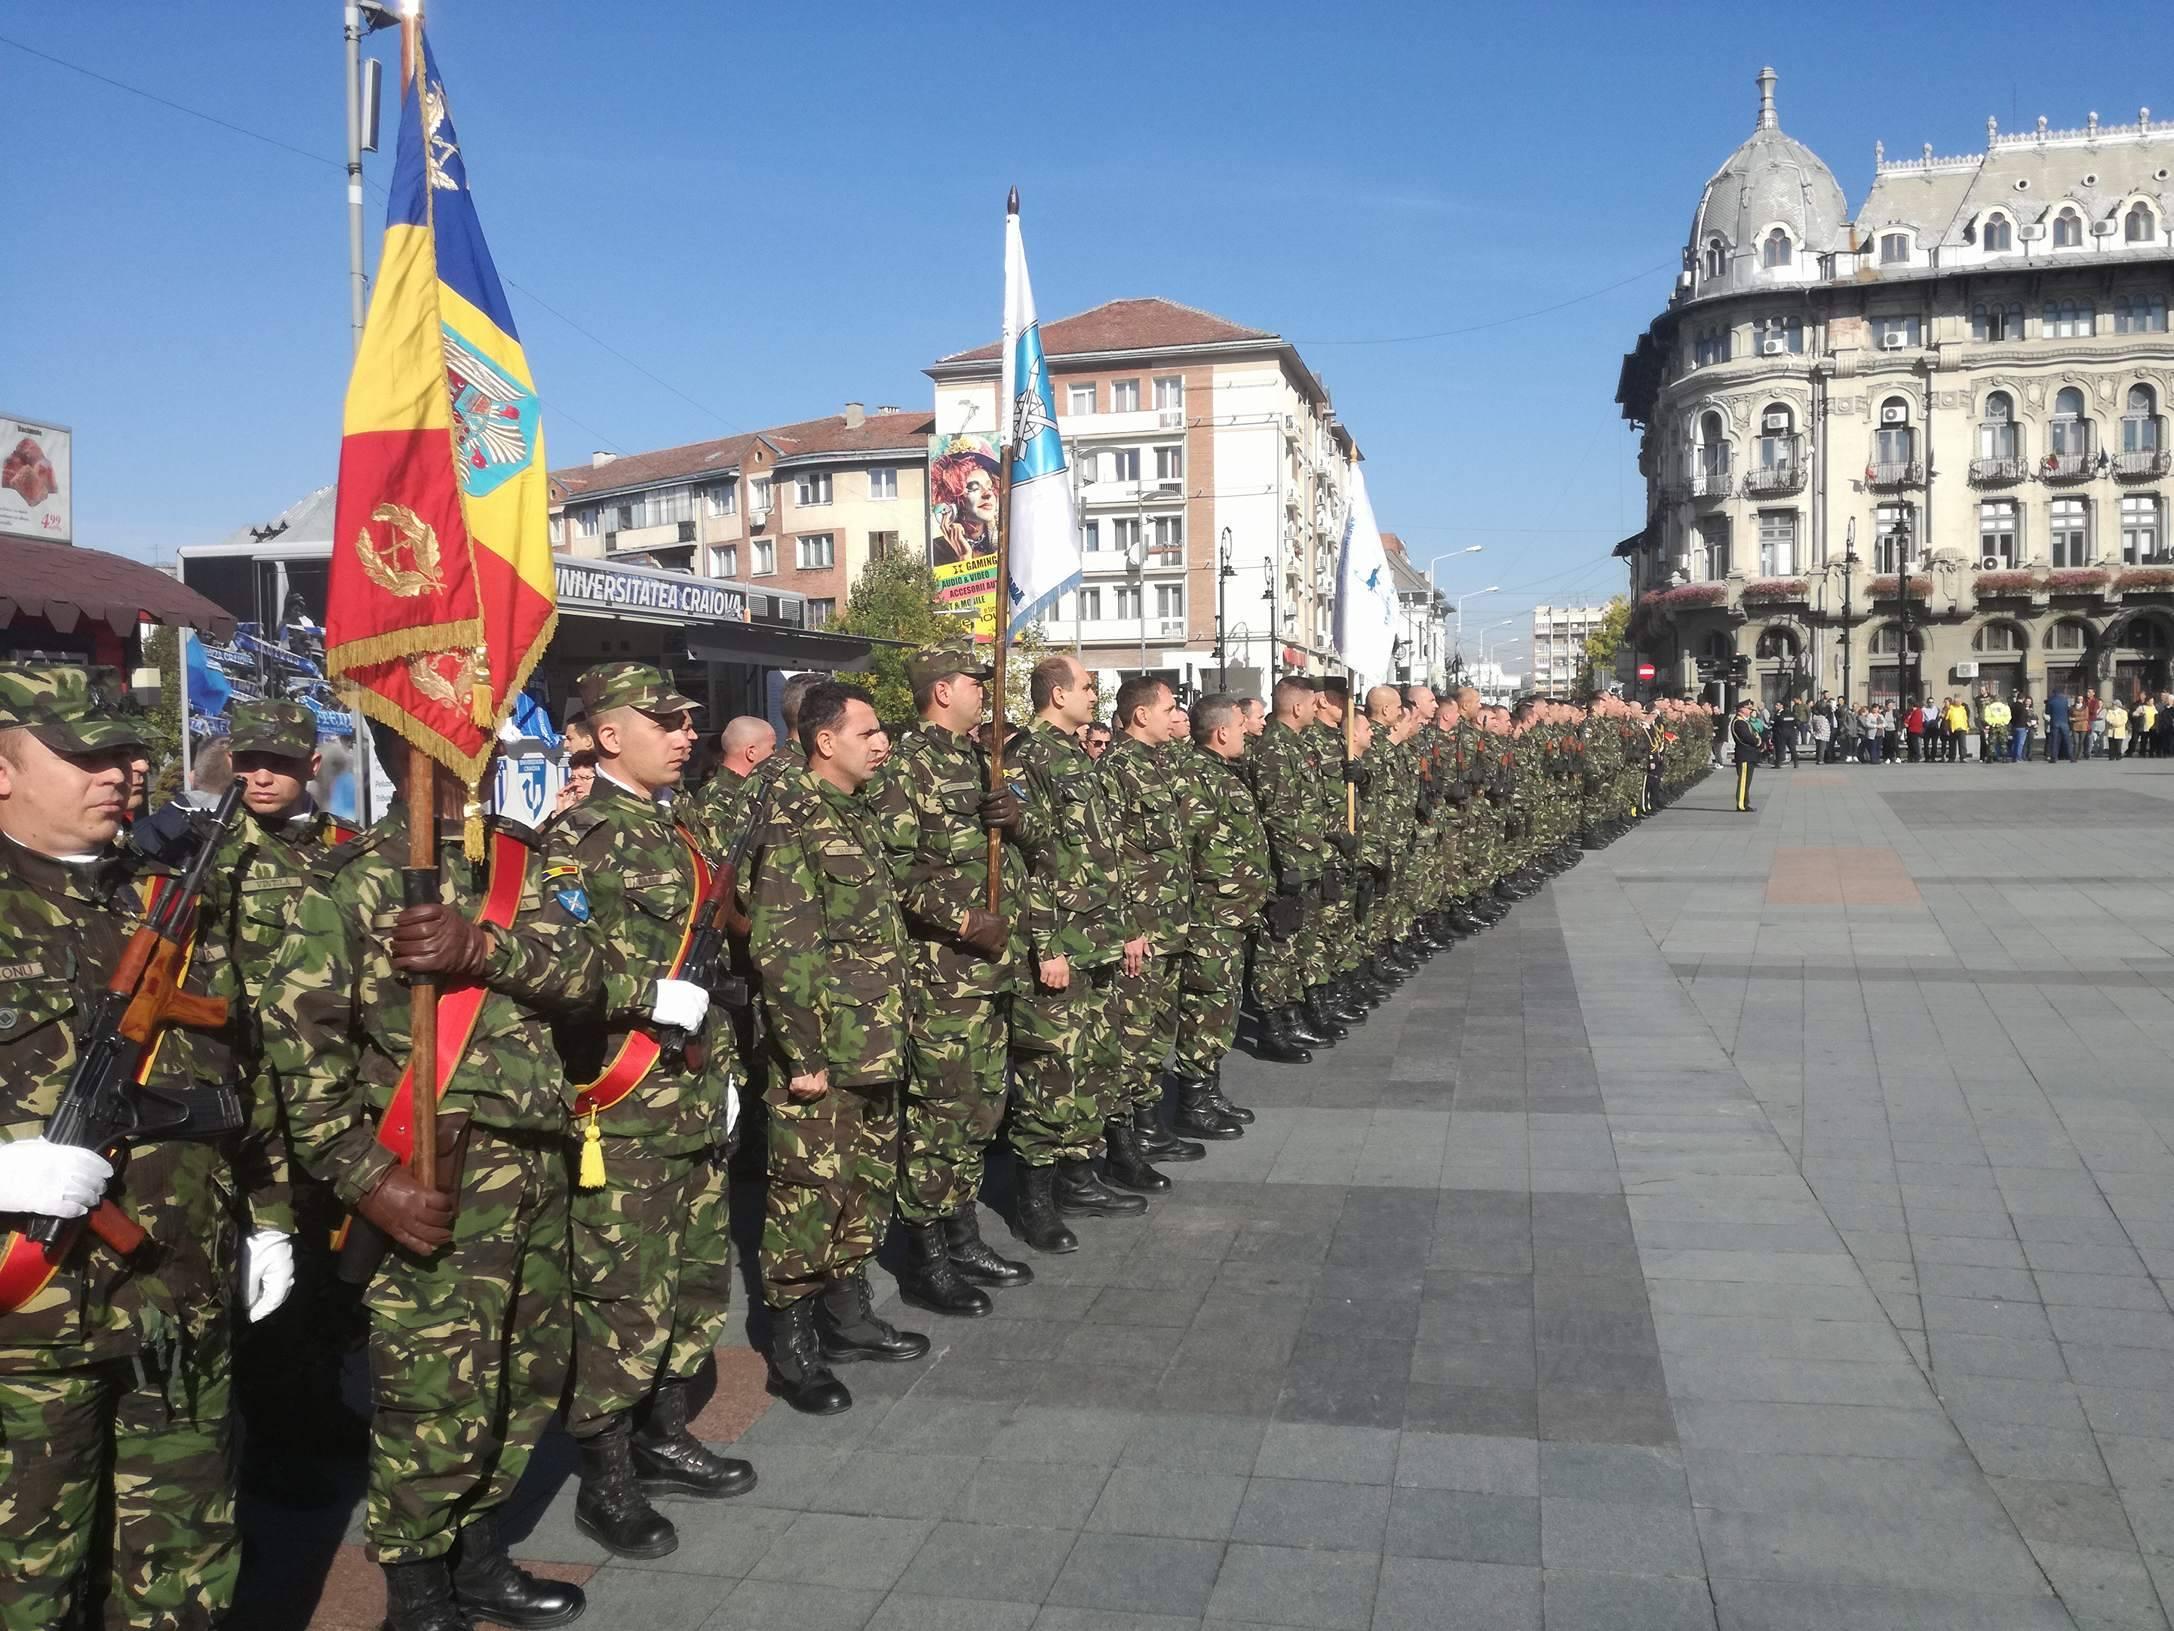 FOTO | Batalionul care a reprezentat România la misiunile Grupului de luptă NATO din Polonia a revenit